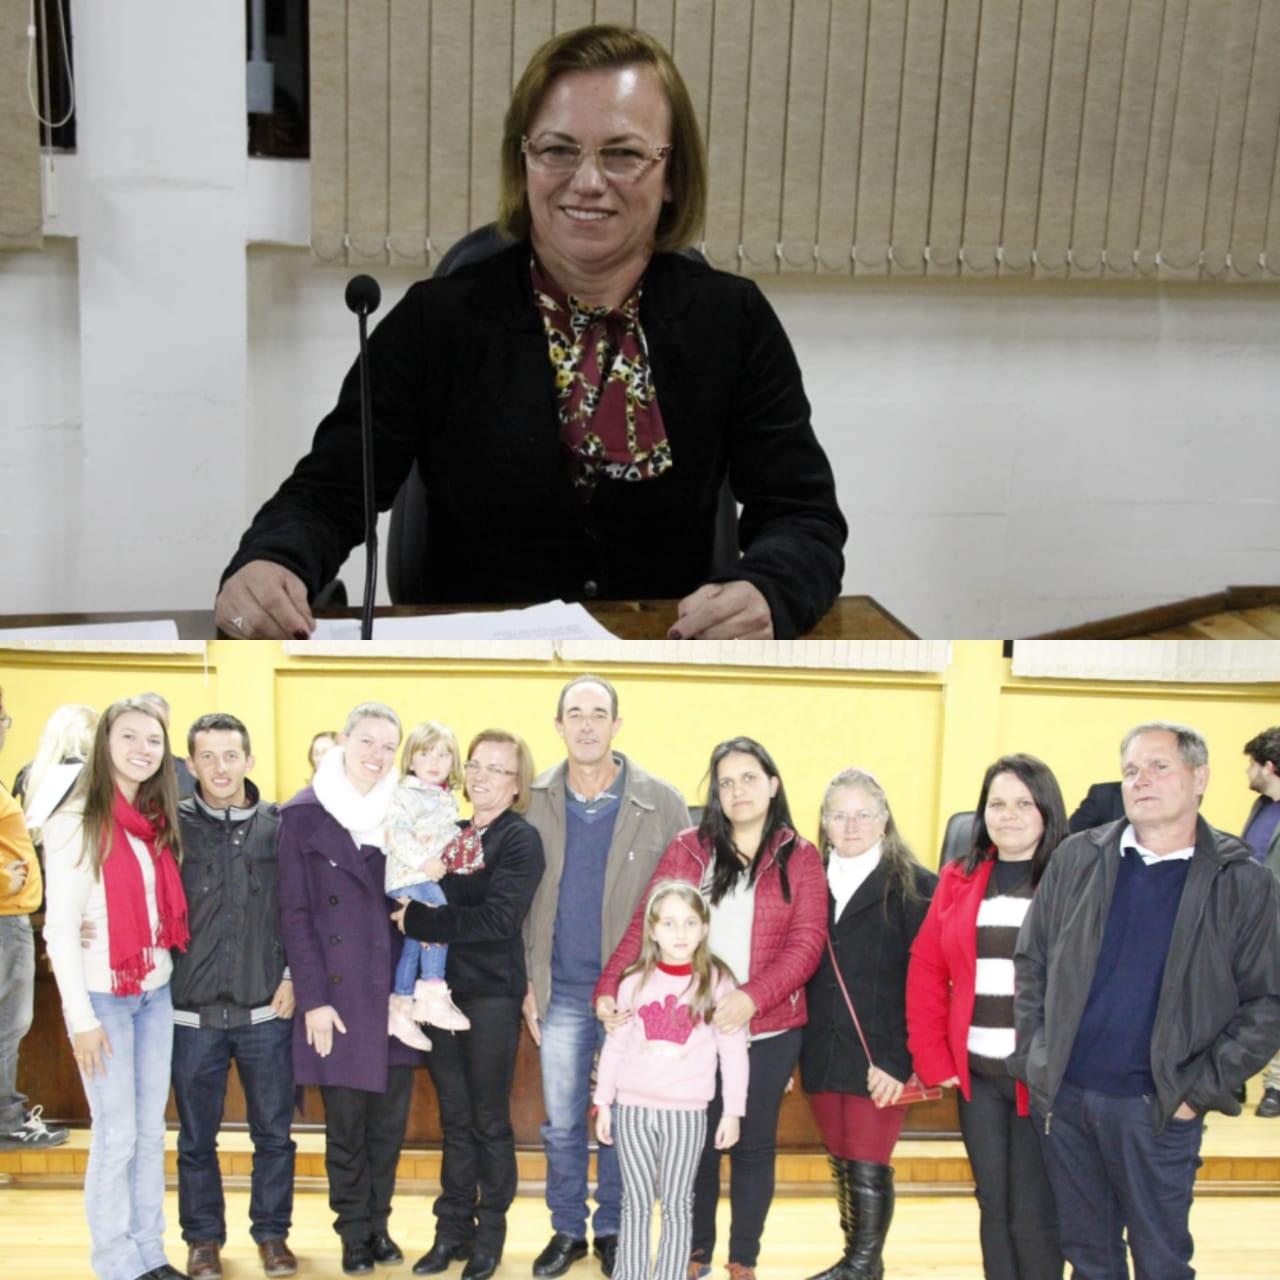 Vereadora Beatriz Scholze (PL) assume uma cadeira na Câmara de Vereadores de Canoinhas